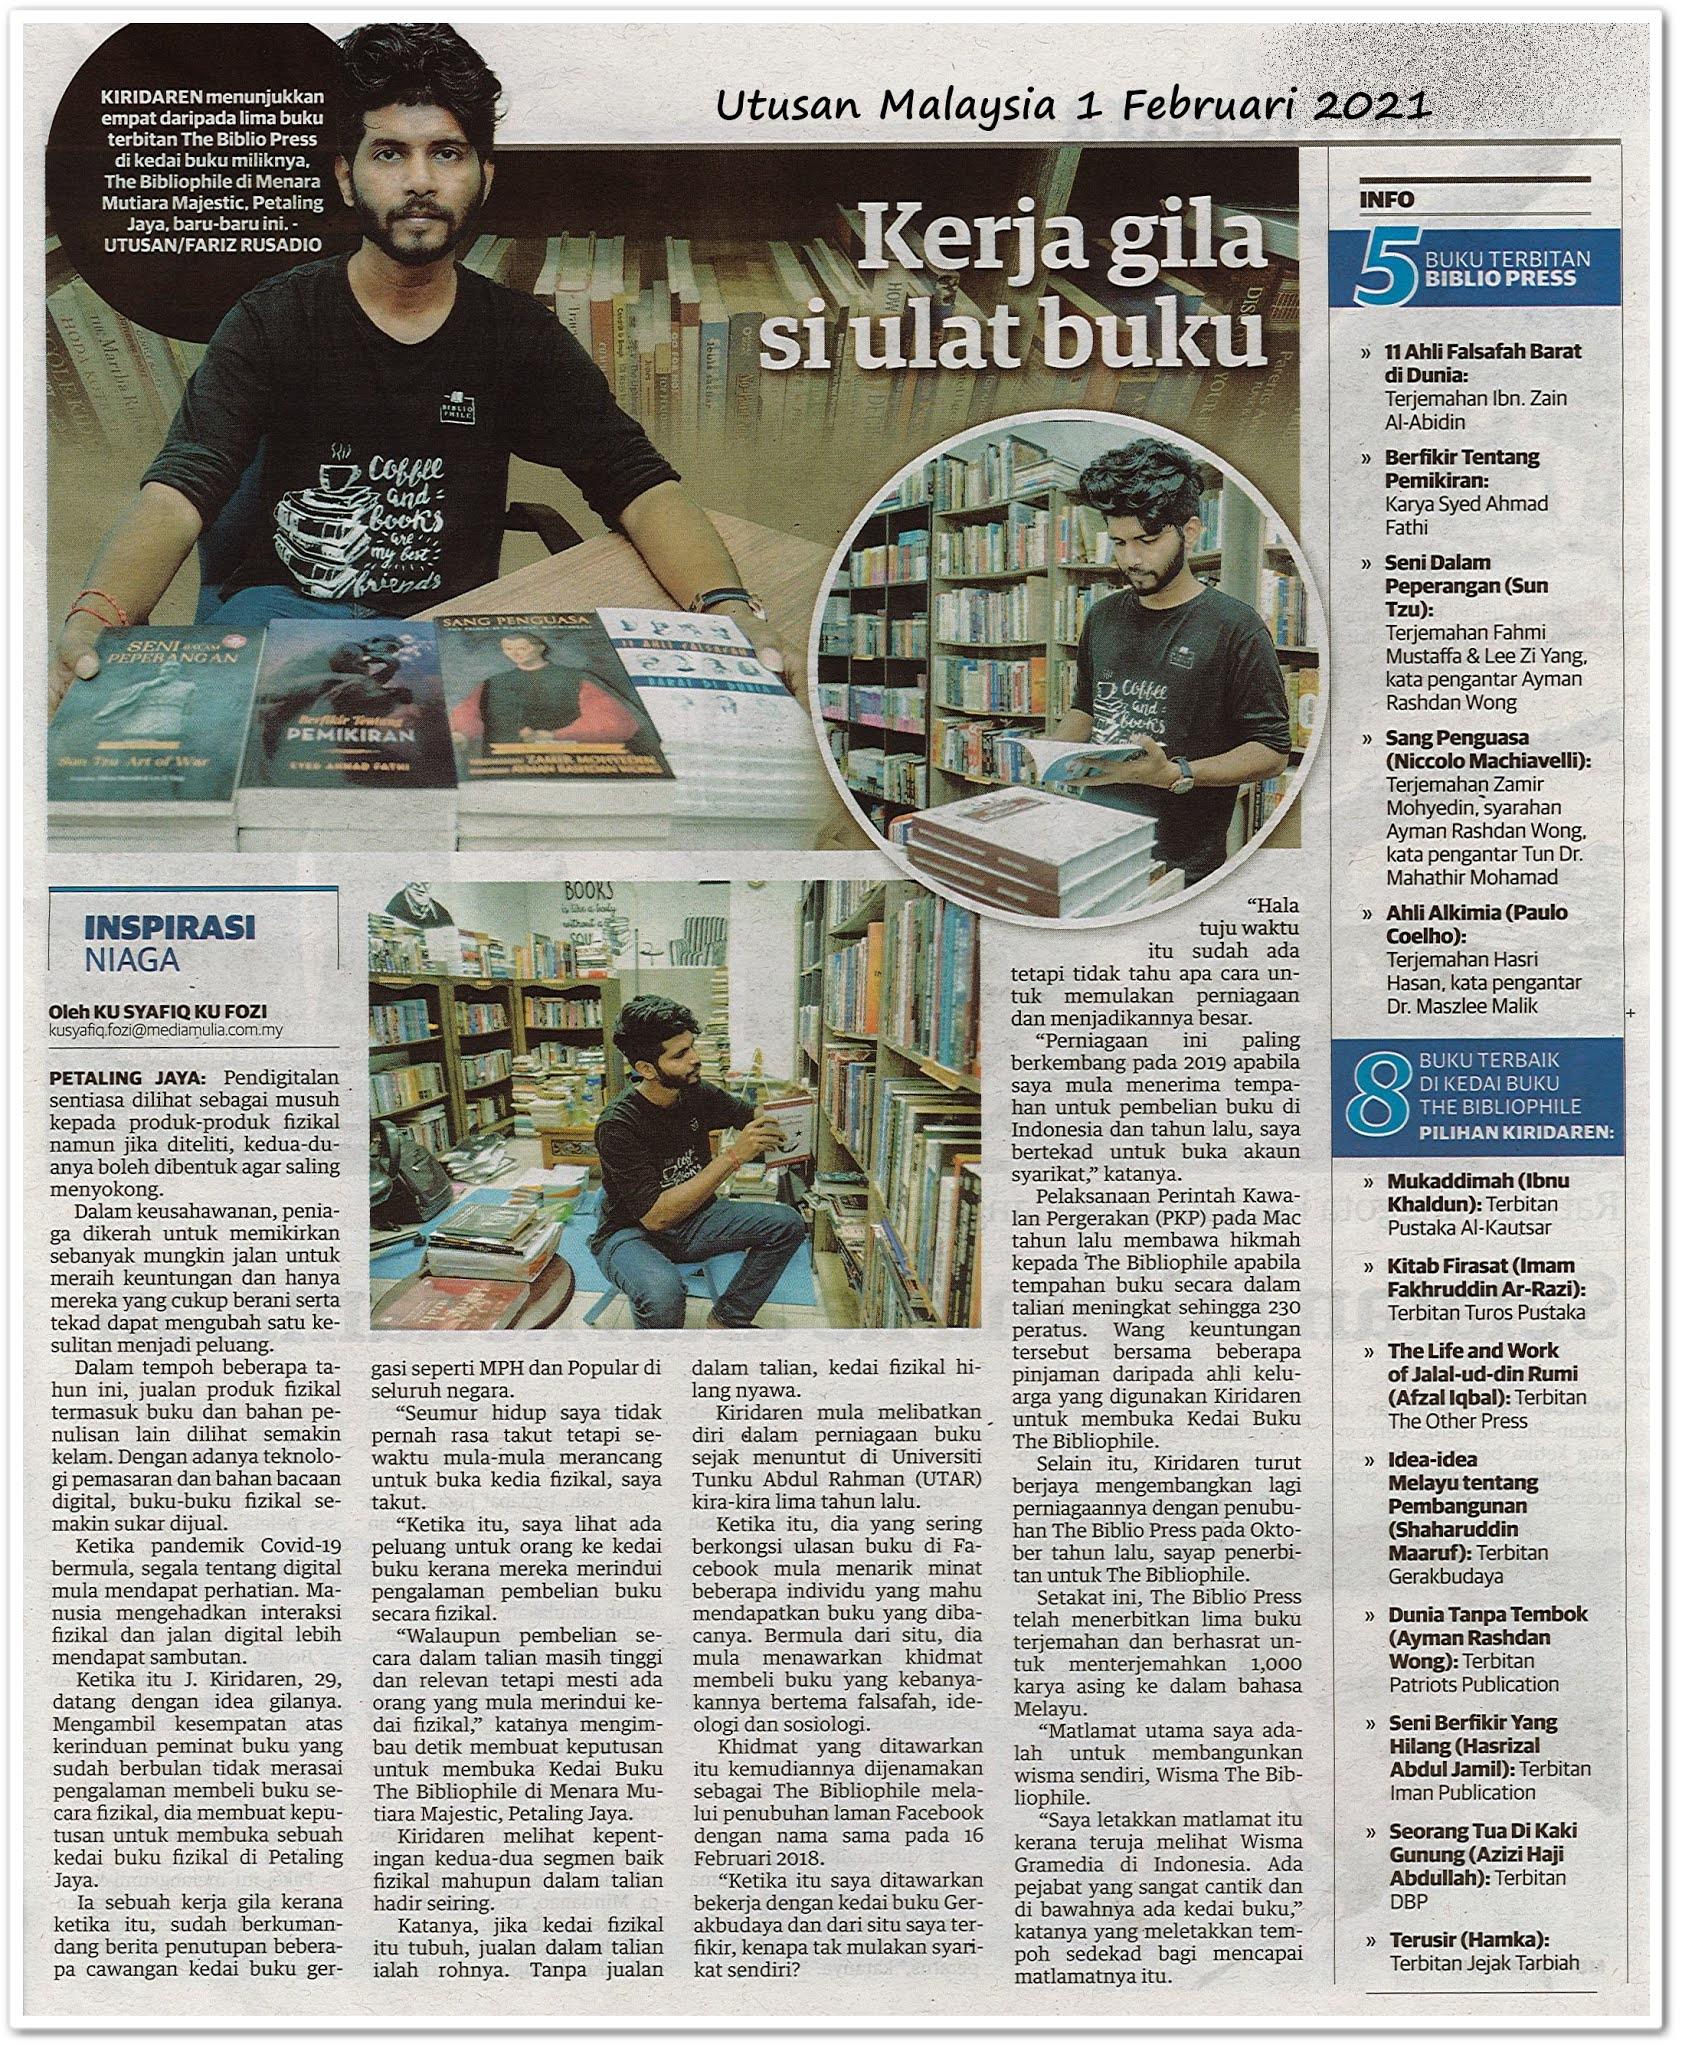 Kerja gila si ulat buku - Keratan akhbar Utusan Malaysia 1 Februari 2021